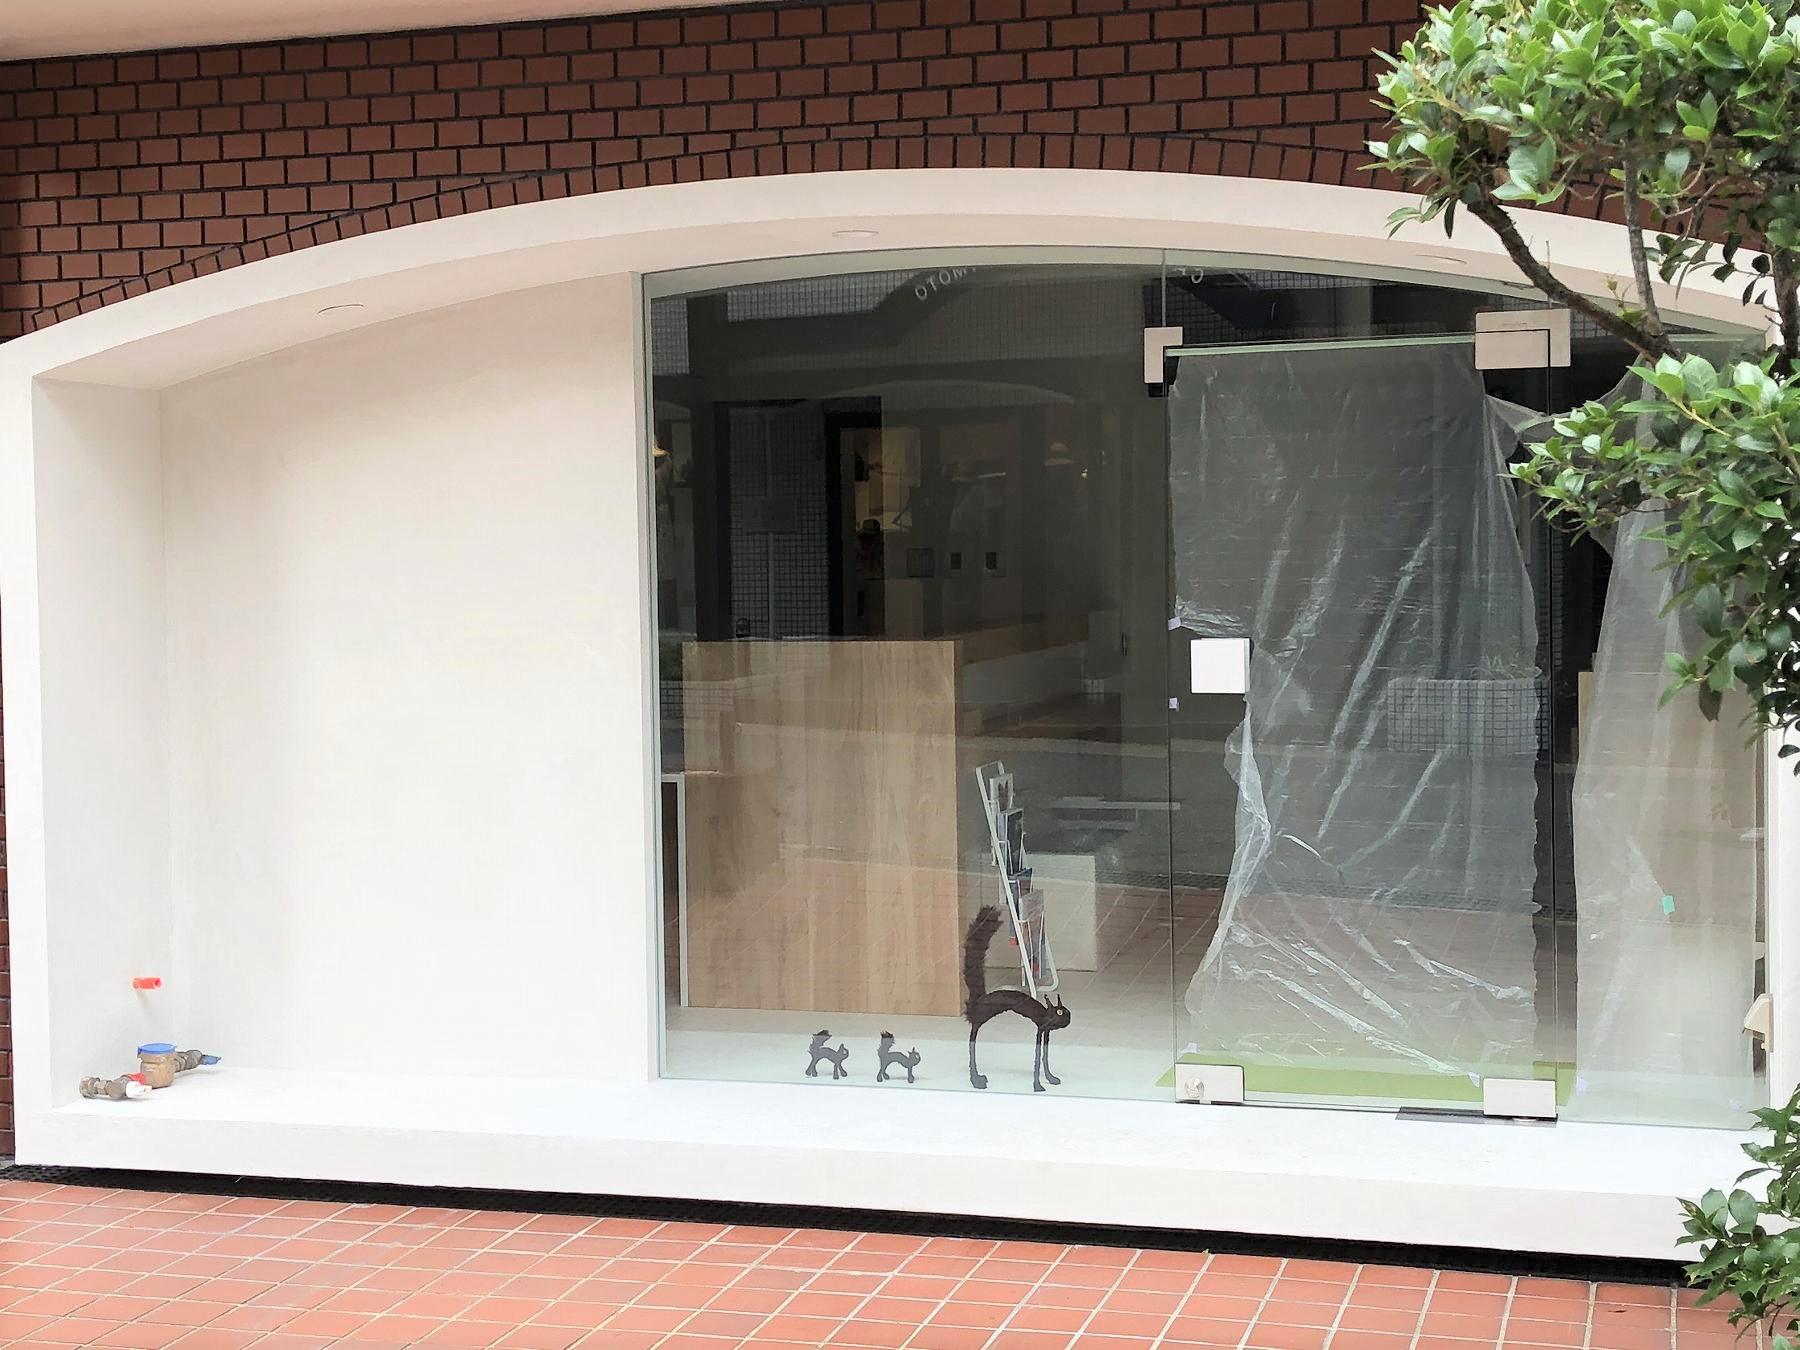 JR摂津本山駅北側に新しいお店が出来る模様。動物病院かな?ペットショップかな? #新規オープン #摂津本山 #東灘区